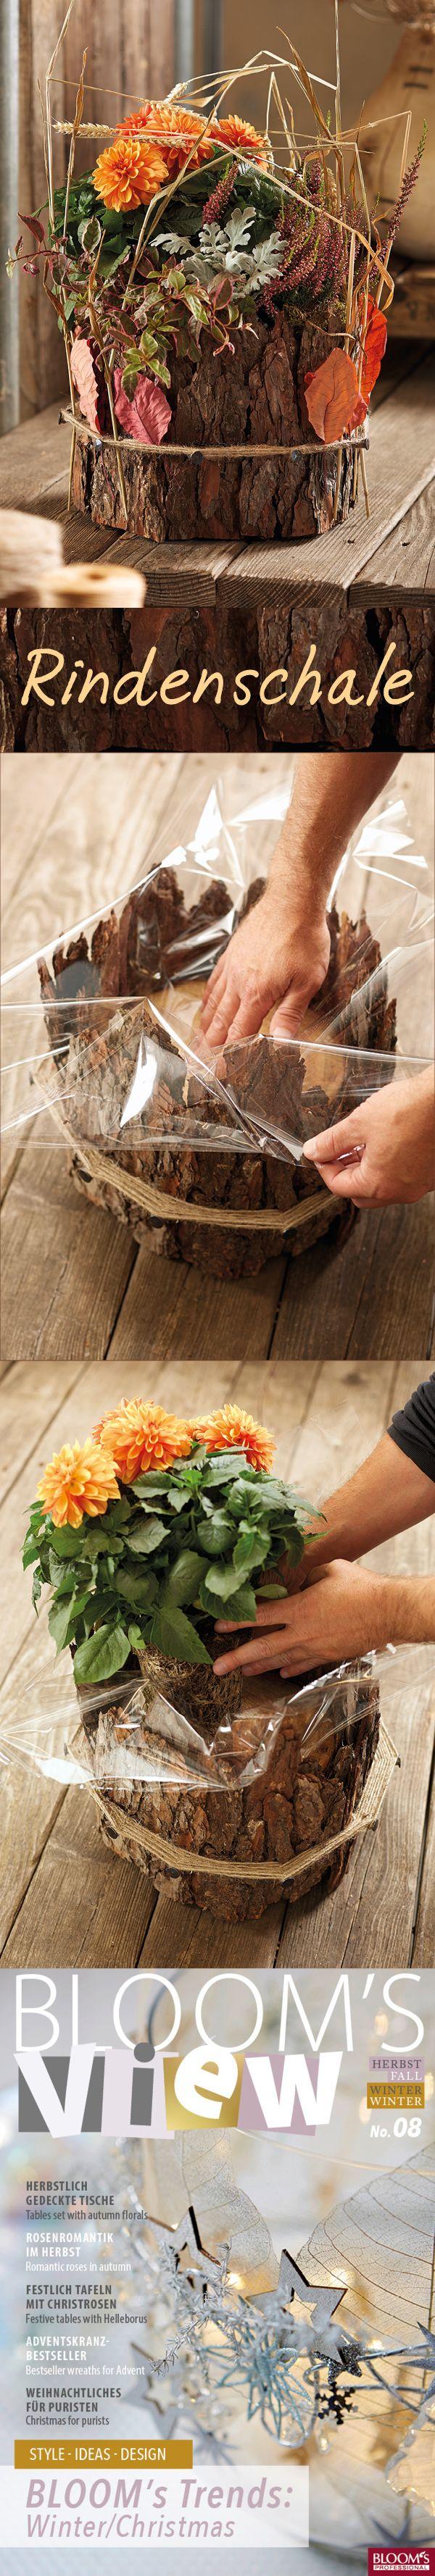 Braune Rinde von Kiefer & Co sieht hübsch und rustikal aus. Besonders dann, wenn man sie mit frischen herbstlichen Floralien kombiniert, #allerheiligengrabschmuck